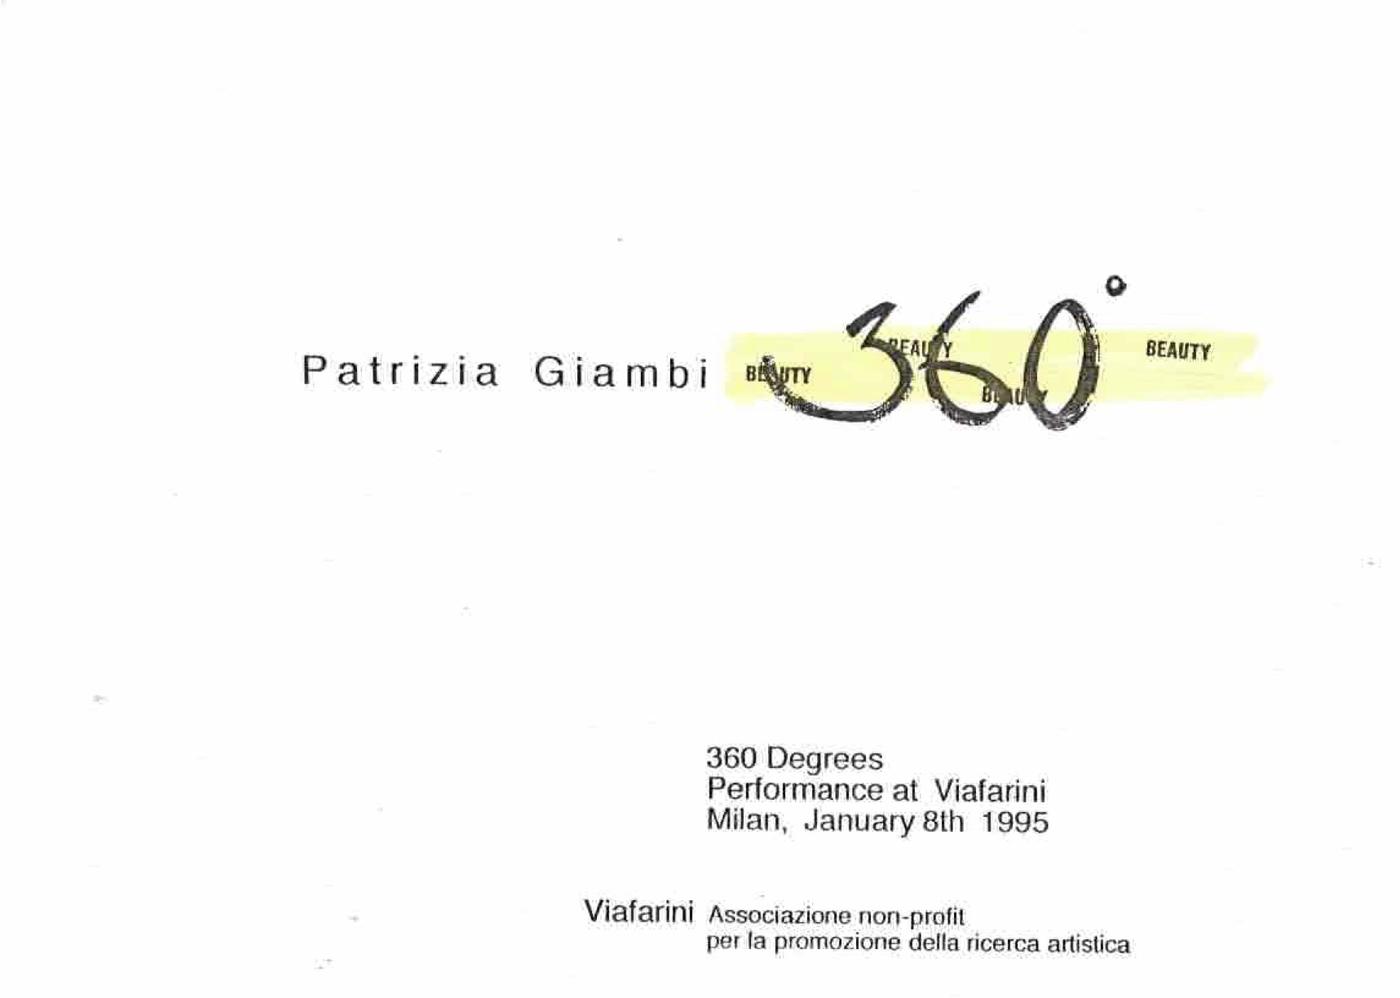 Patrizia Giambi